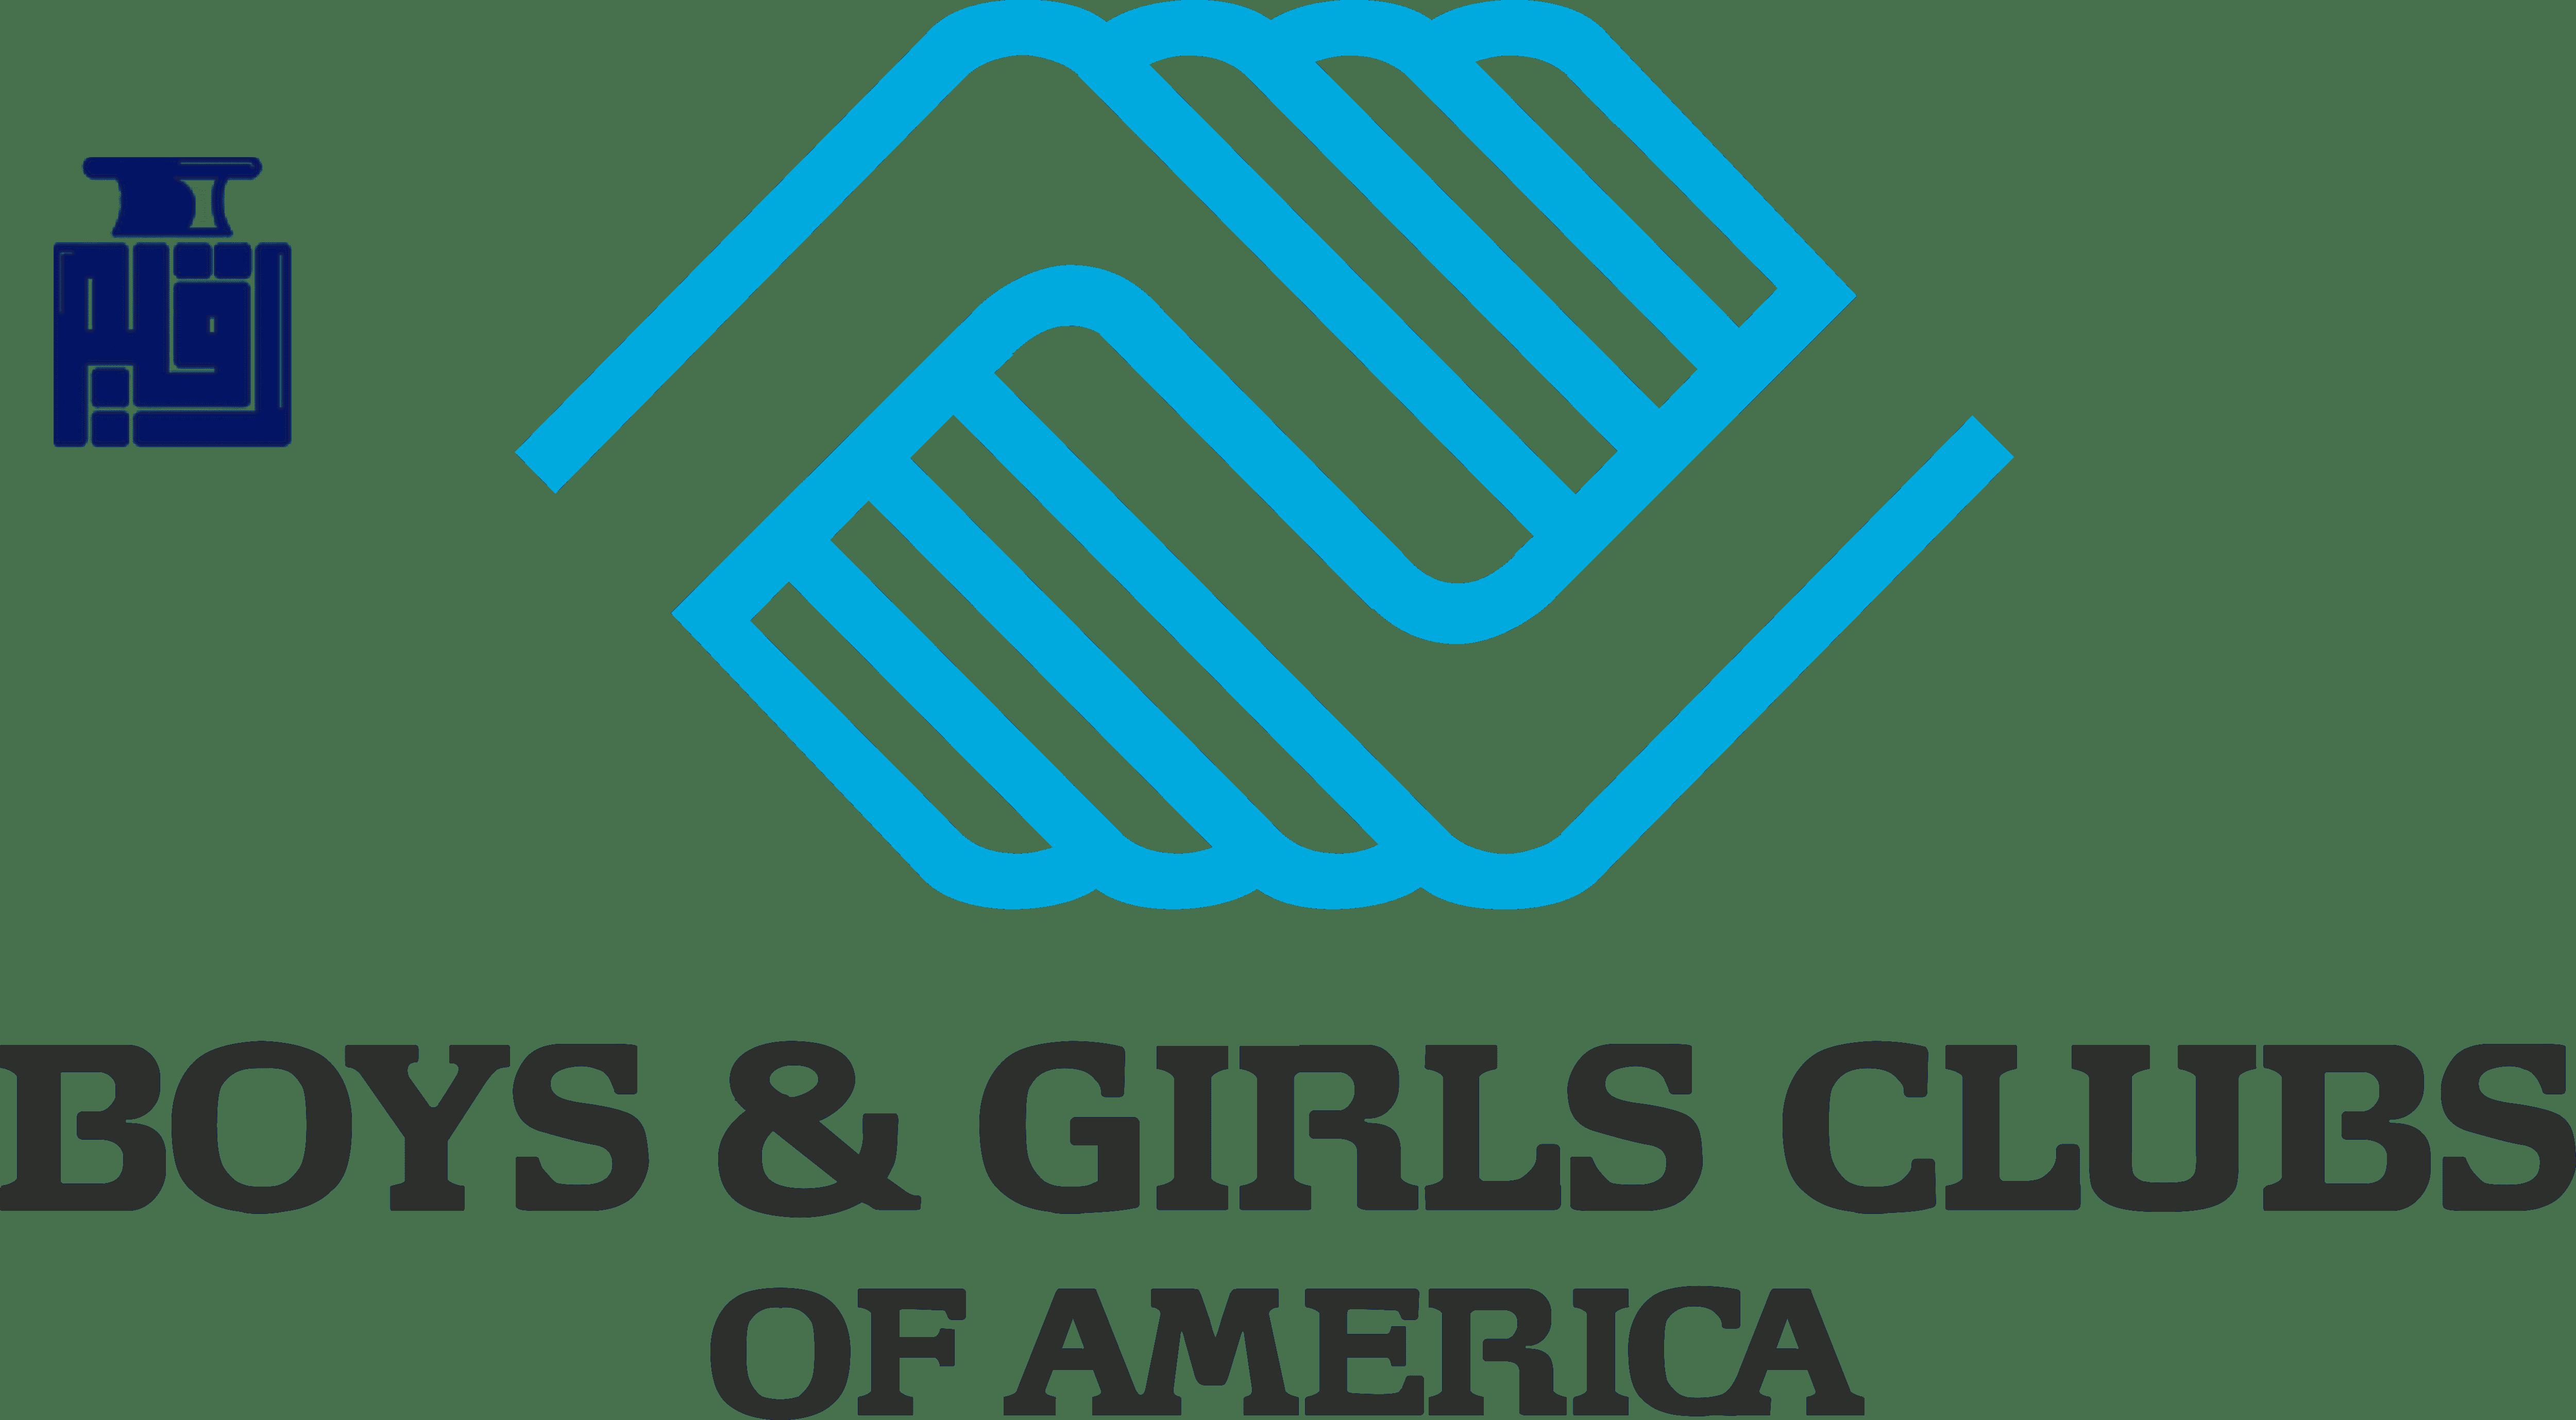 نوادي البنين والبنات الأمريكية (Boys and Girls clubs of America)